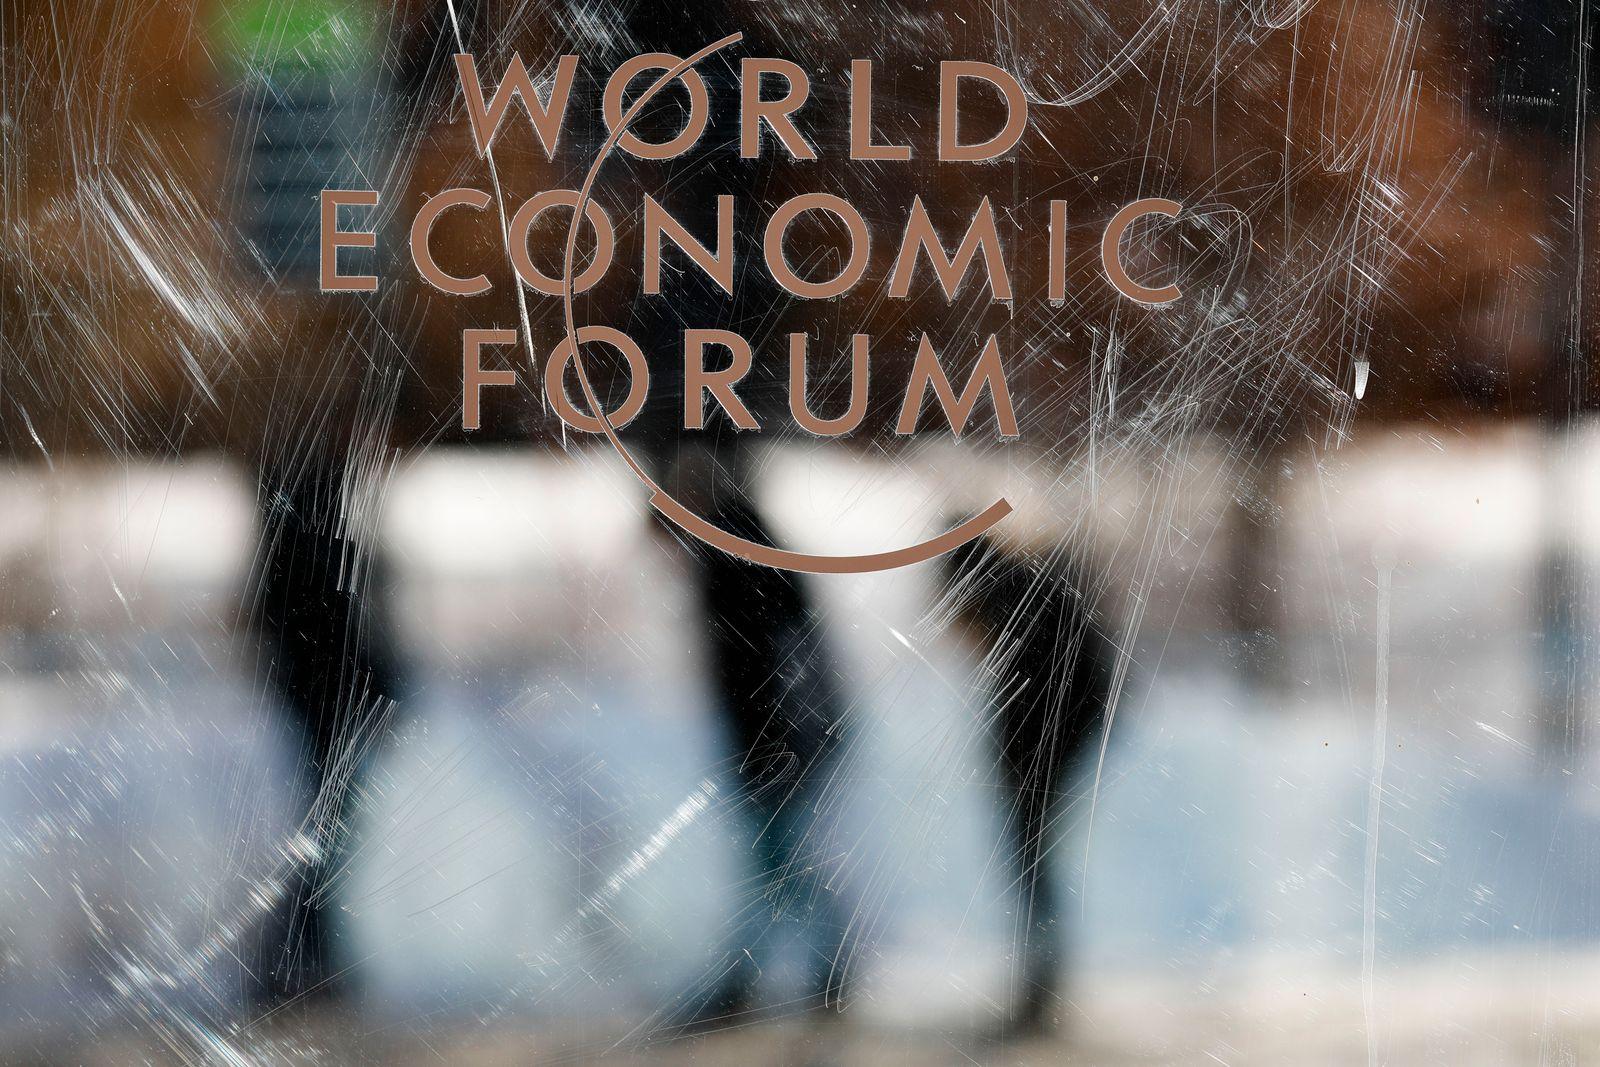 Vor dem Weltwirtschaftsforum in Davos